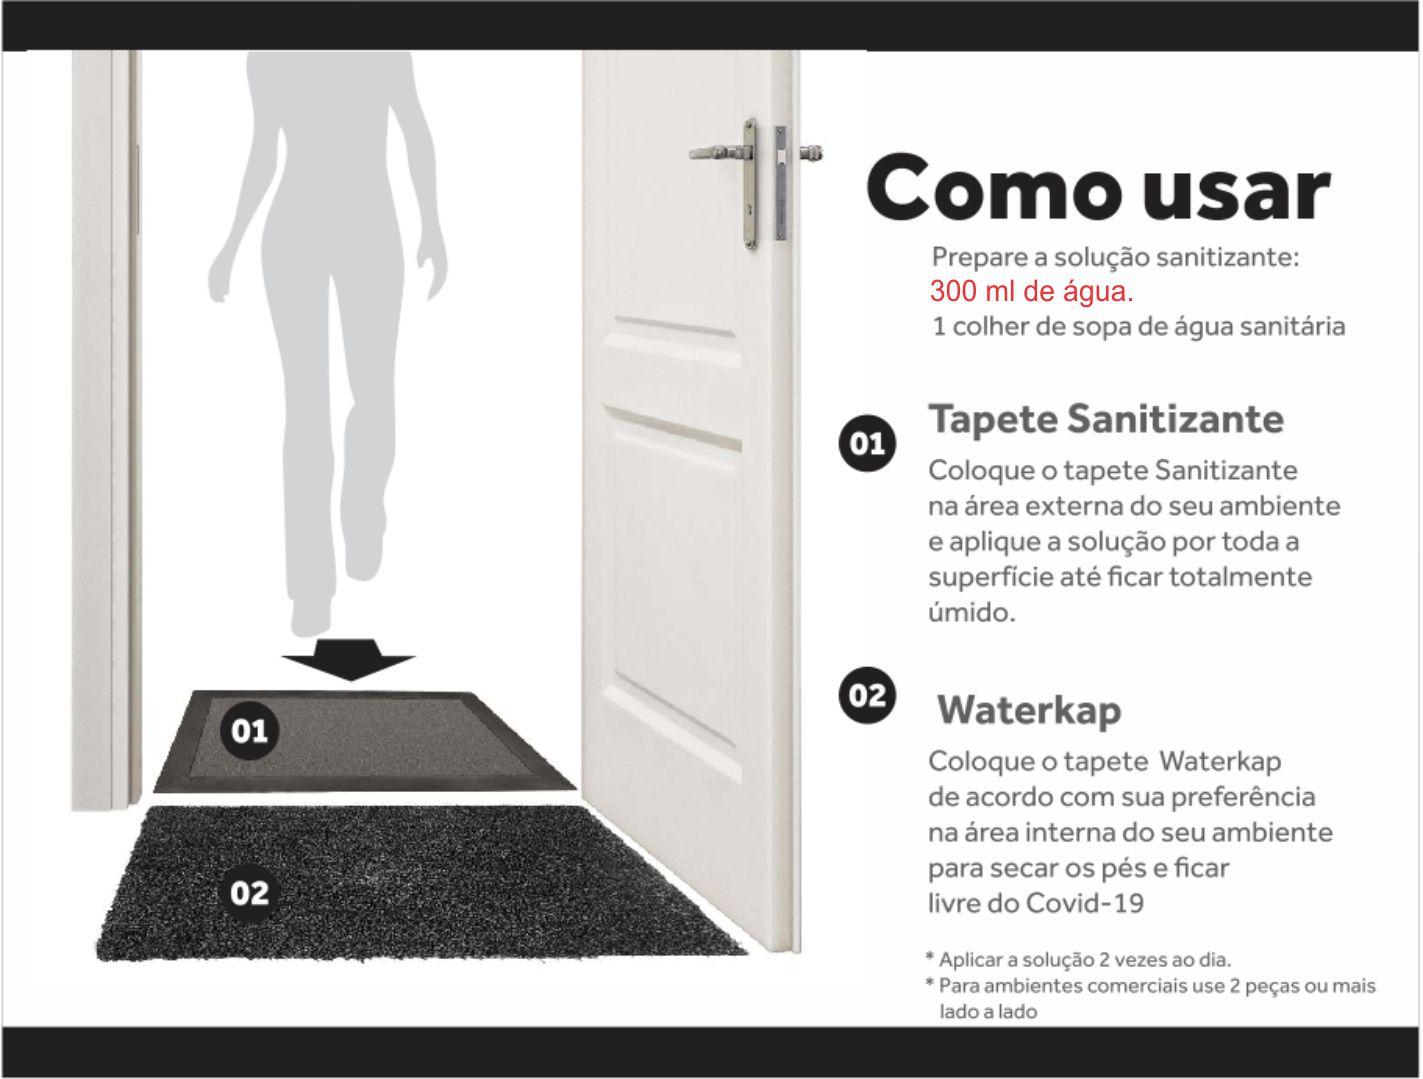 Kit 2 pecas, Sanitizante 90x60cm e Secante 40x60cm  para Condominios  - Zap Tapetes e Capachos Personalizados